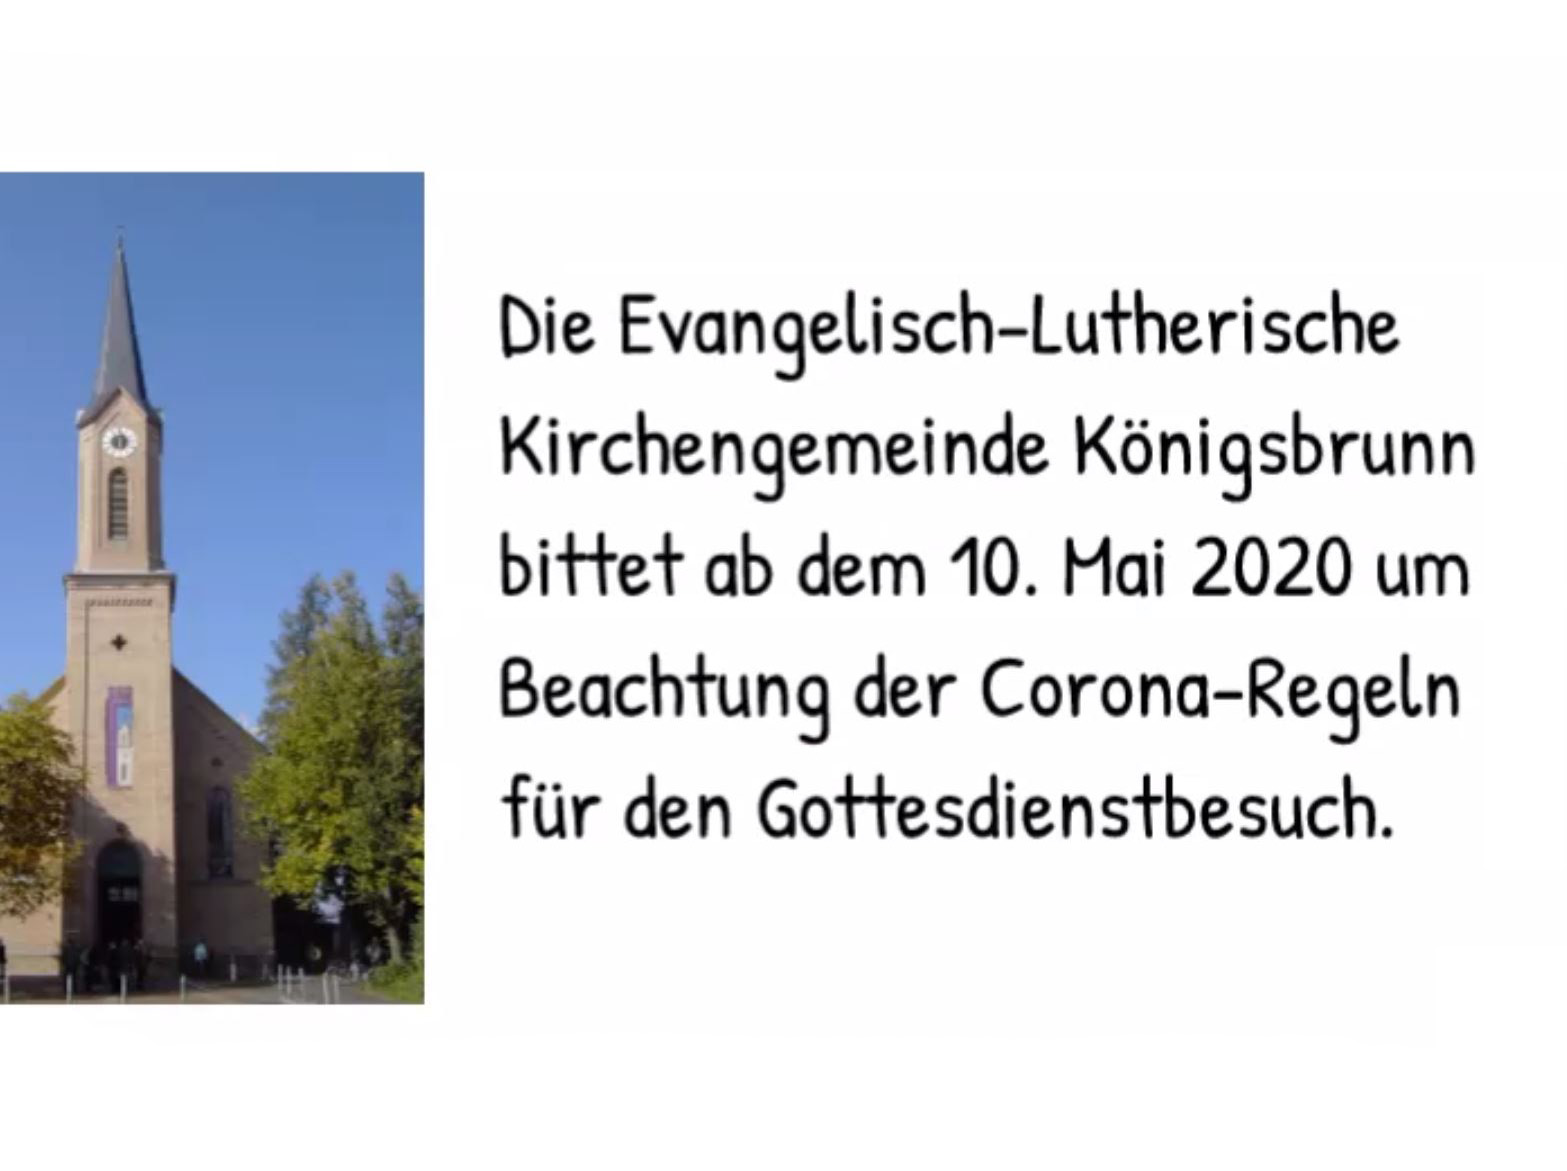 Gottesdienste und die neuen Corona - Regeln - Evangelisch Lutherische Kirchengemeinde Königsbrunn